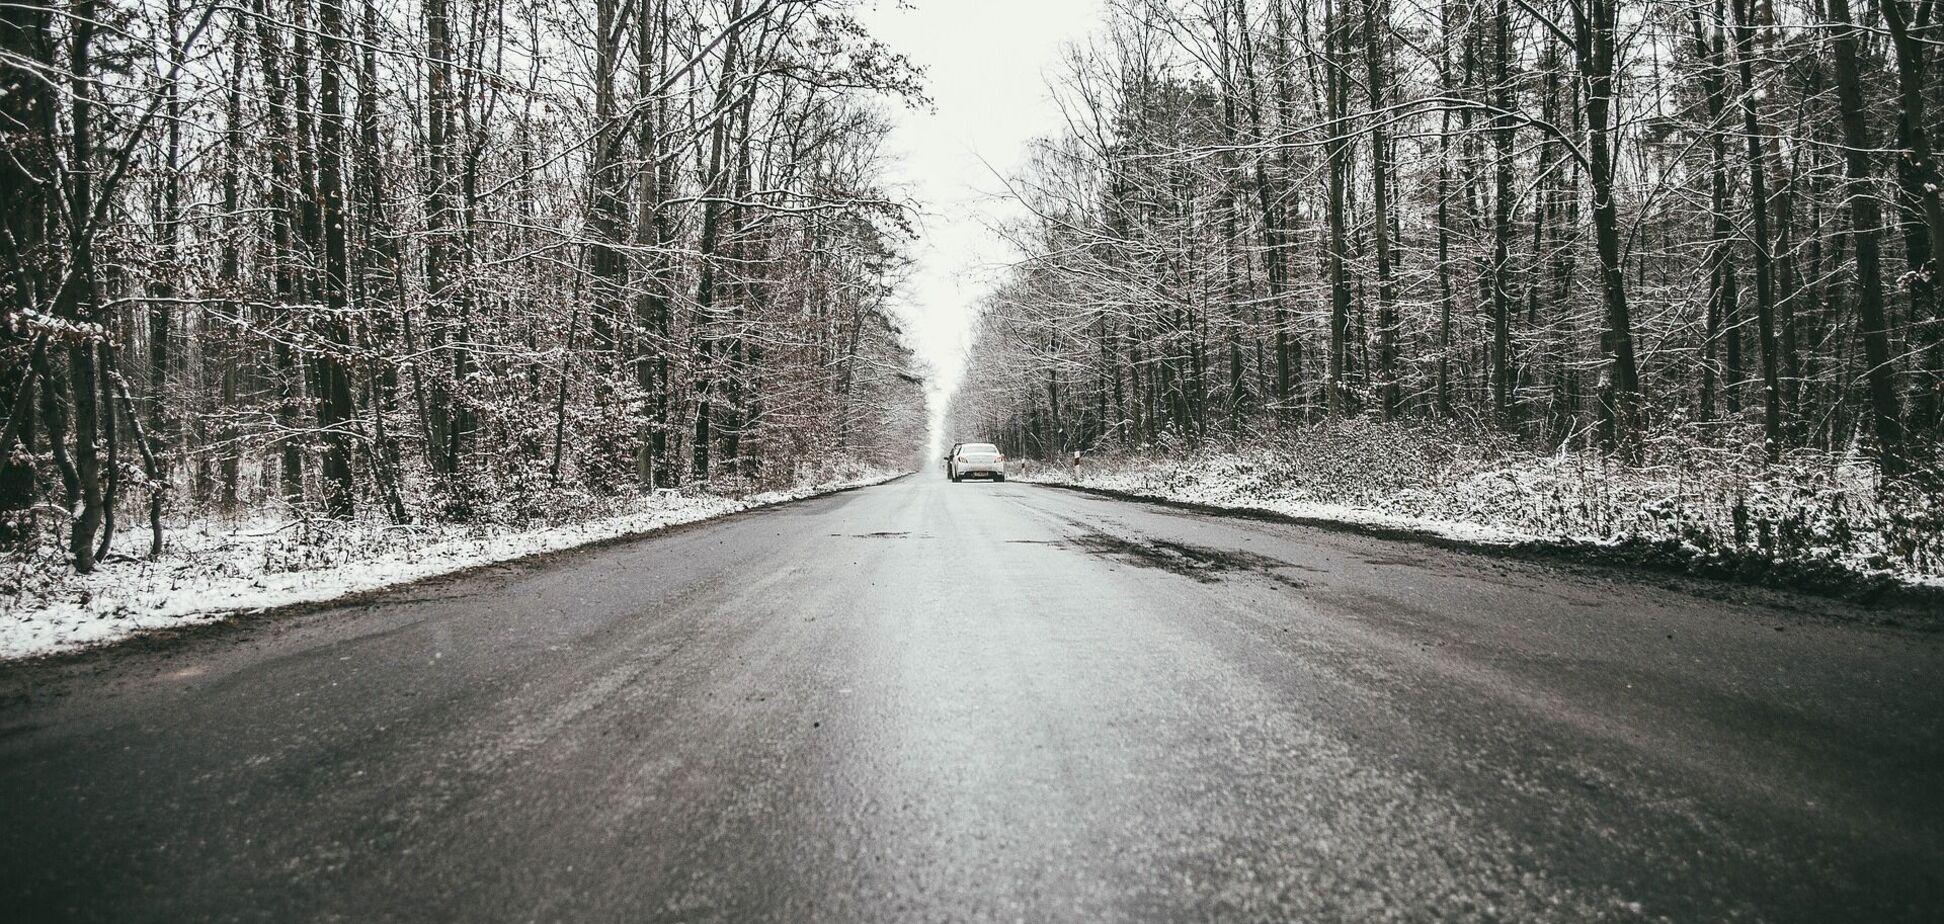 Украину снова накроют дожди со снегом: где в пятницу испортится погода. Карта